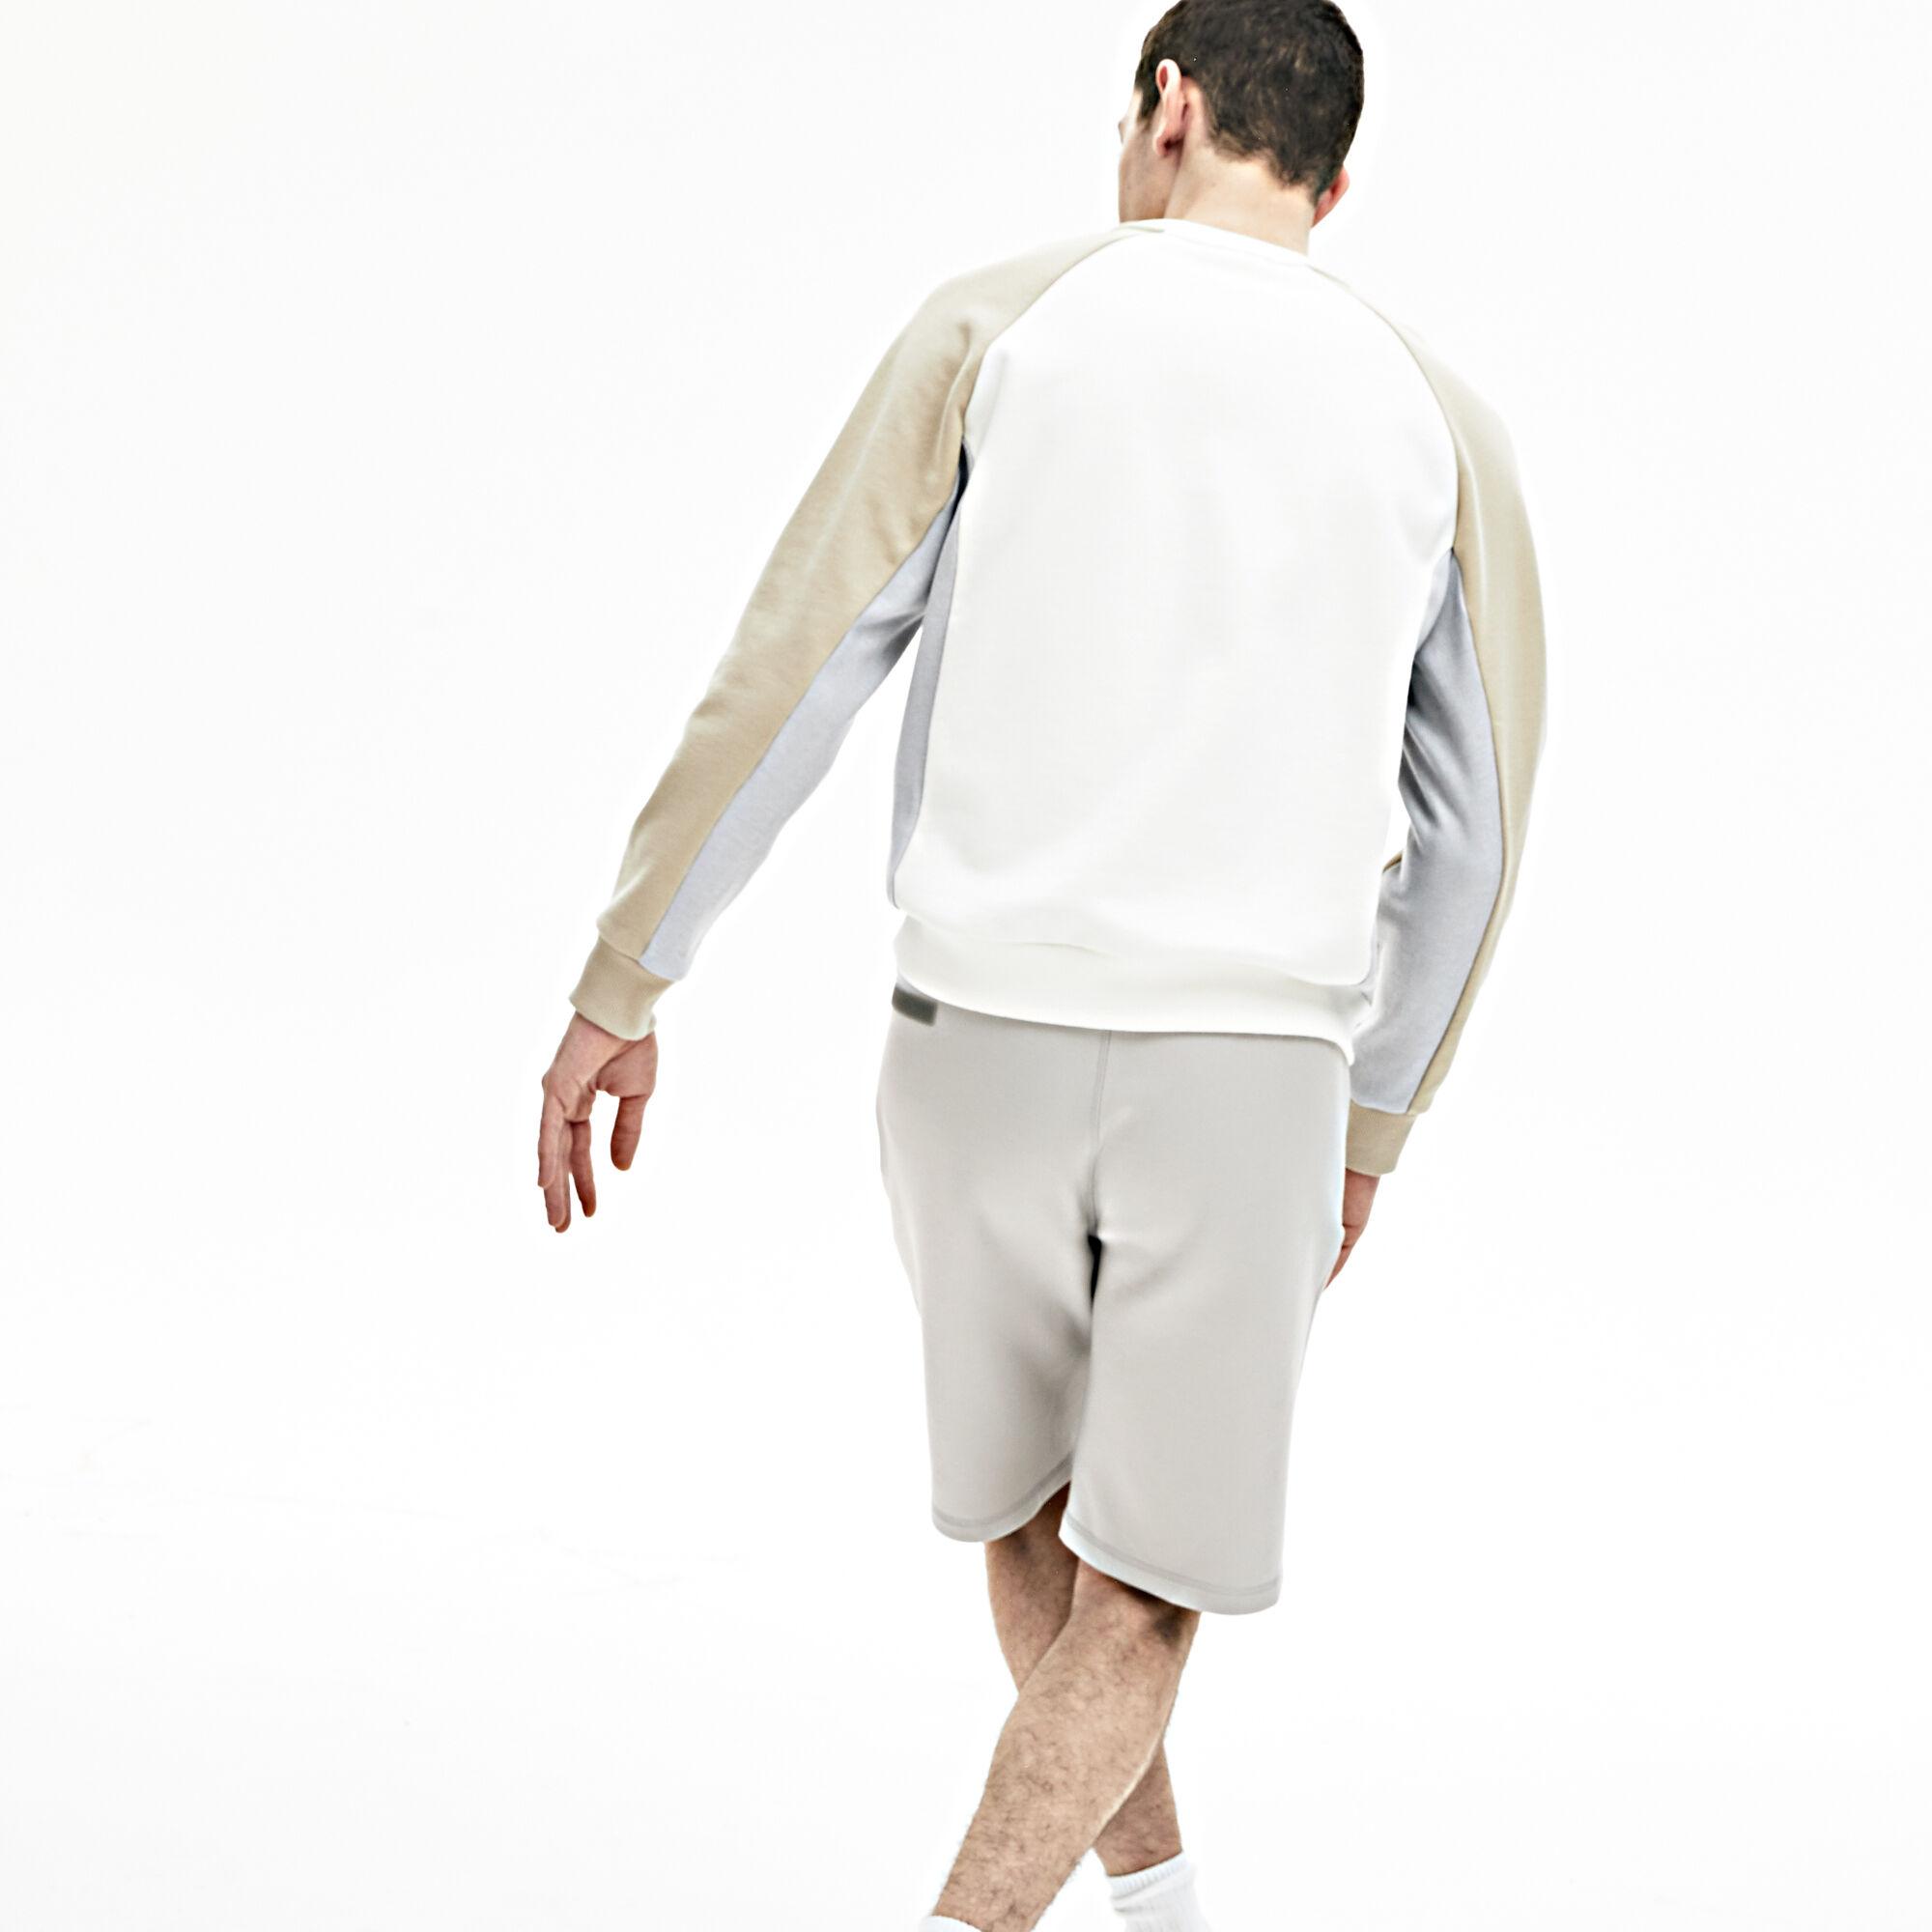 سروال قصير برمودا من القطن المرن للرجال من مجموعة Lacoste Motion